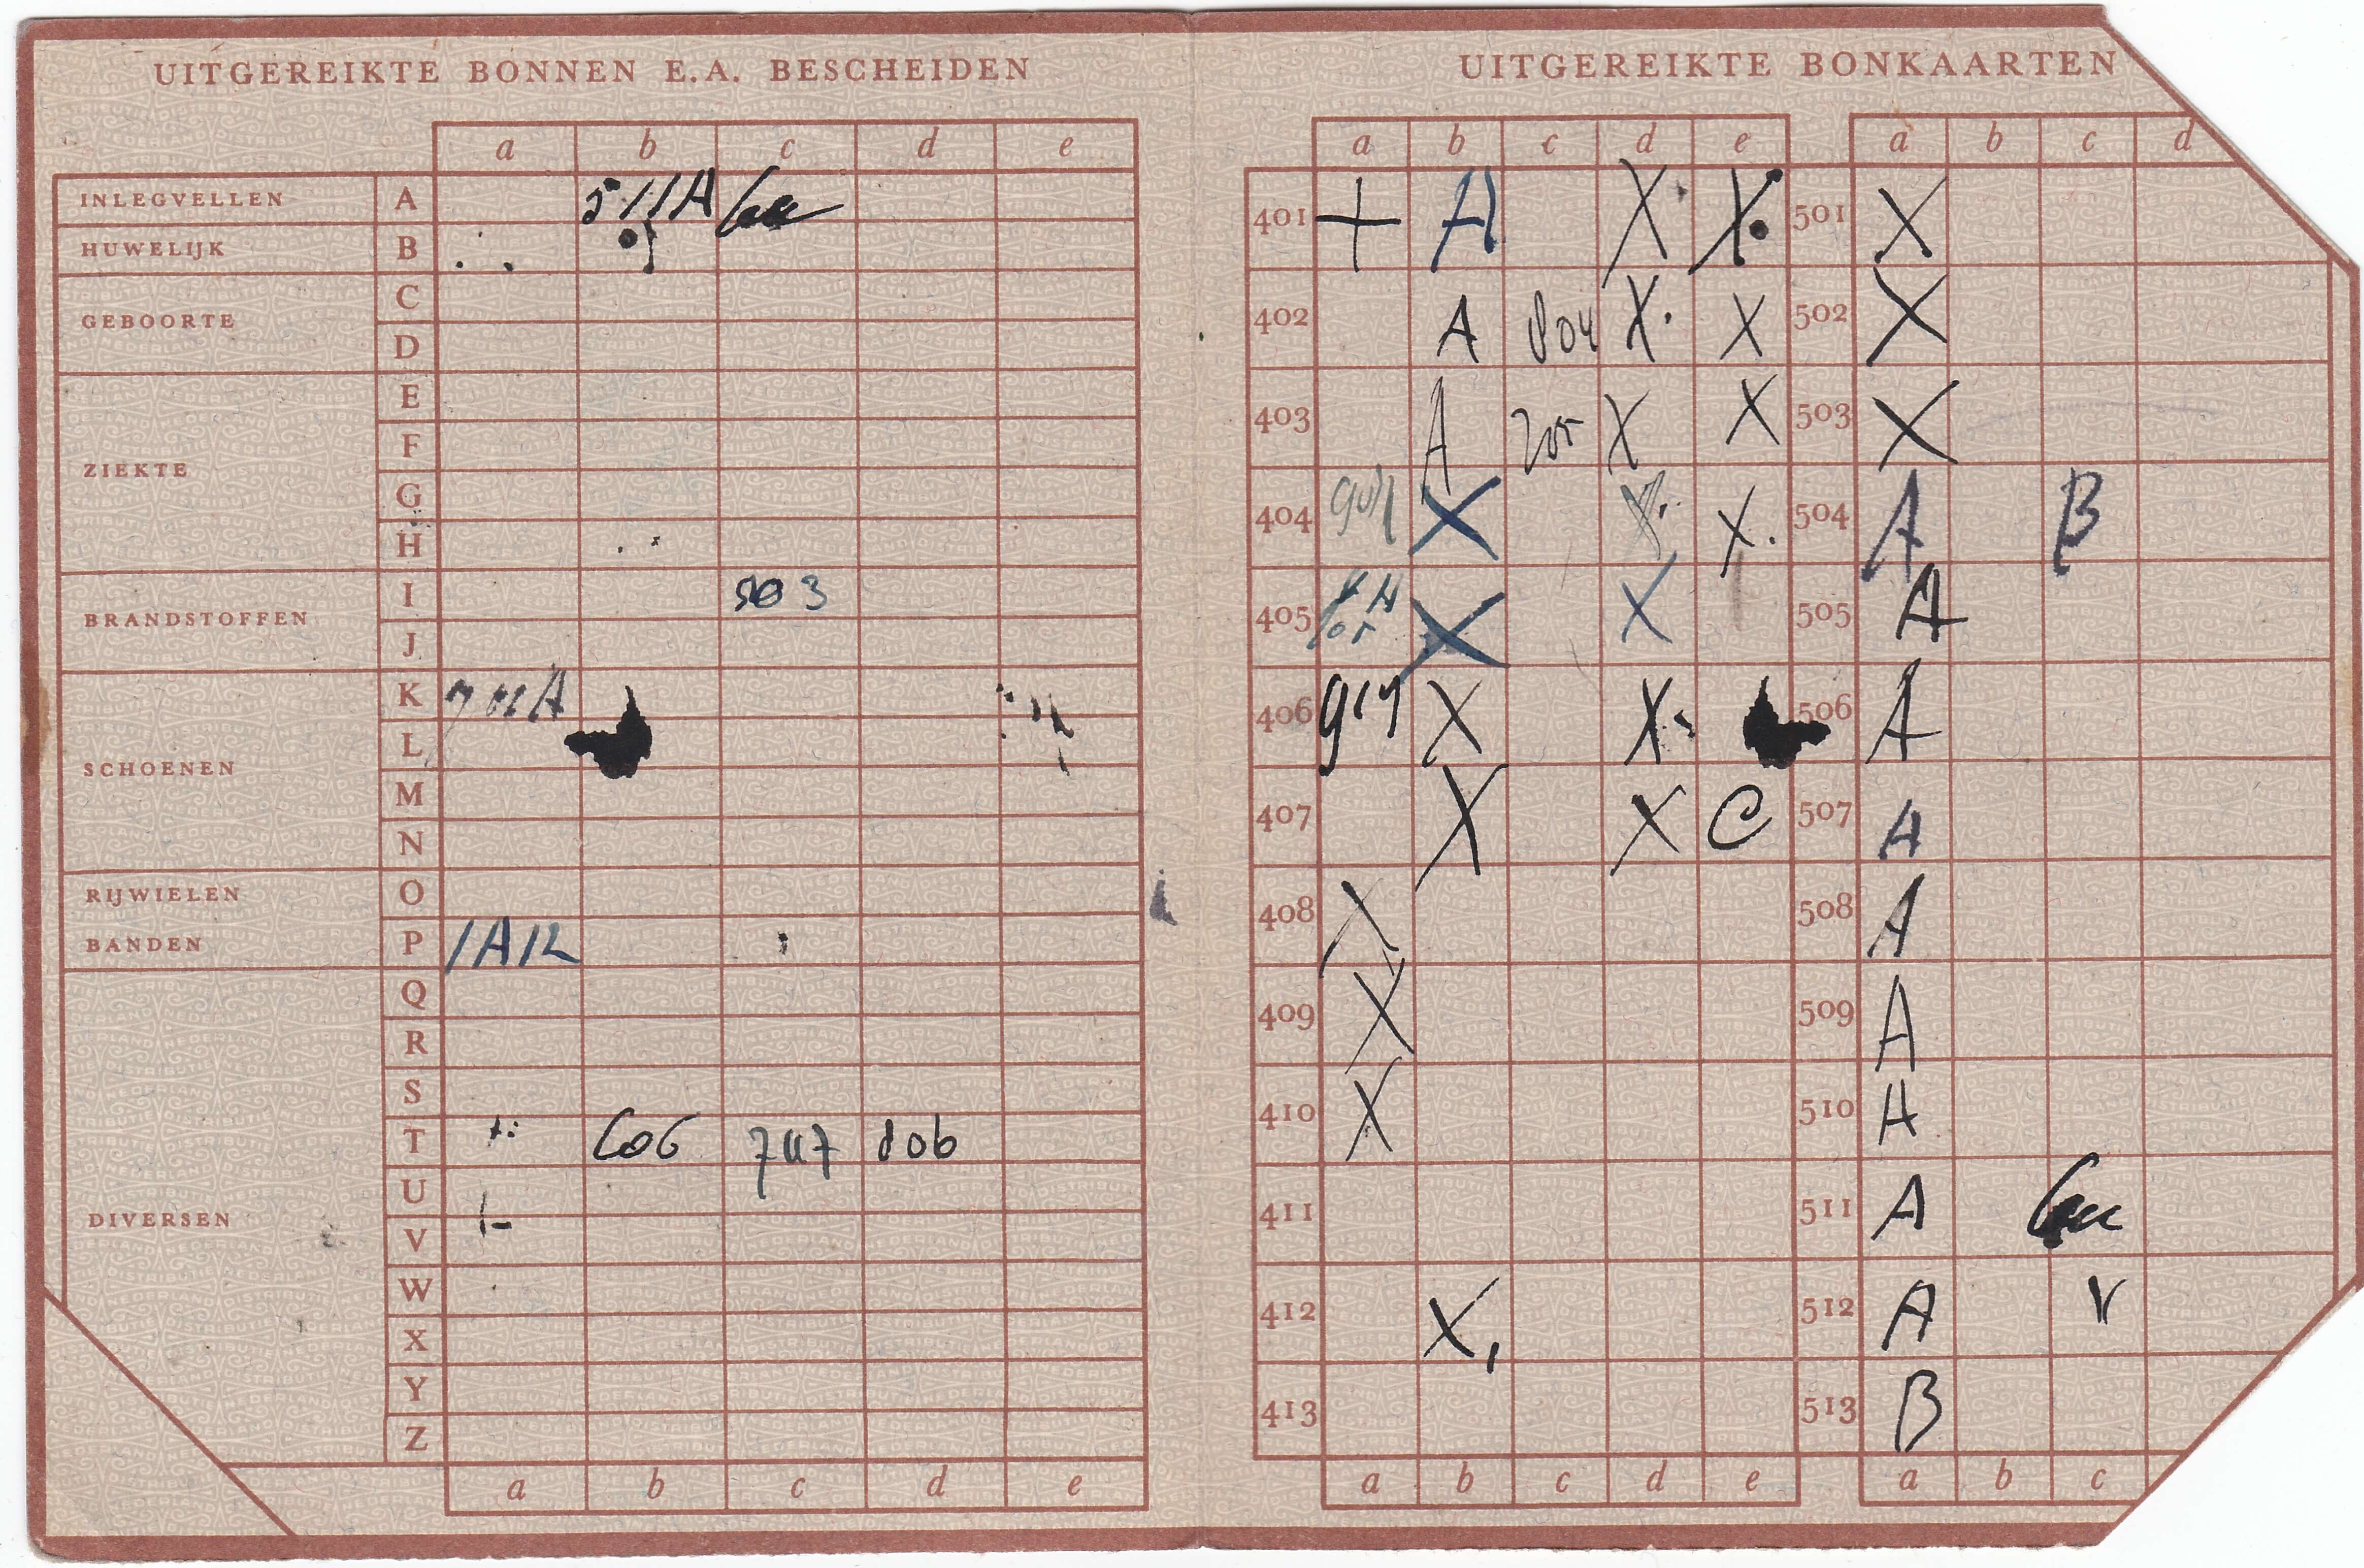 Distributie stamkaart uit de tweede wereldoorlog